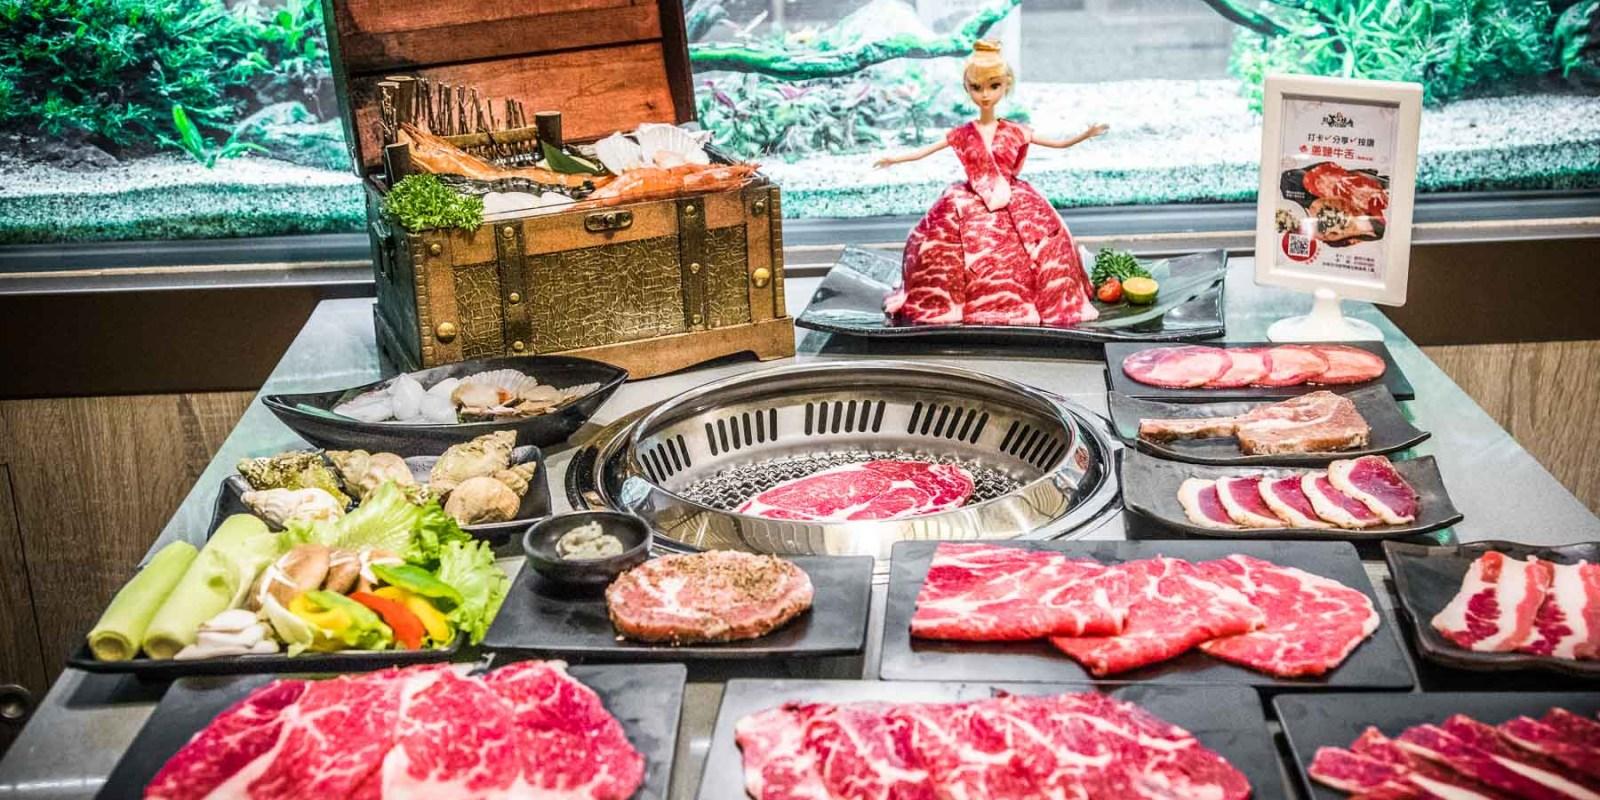 [林口美食]超夯の燒肉-林口店/林口最強燒肉吃到飽!和牛、天使紅蝦無限吃,還有超浮誇肉肉舞衣芭比、海鮮百寶箱